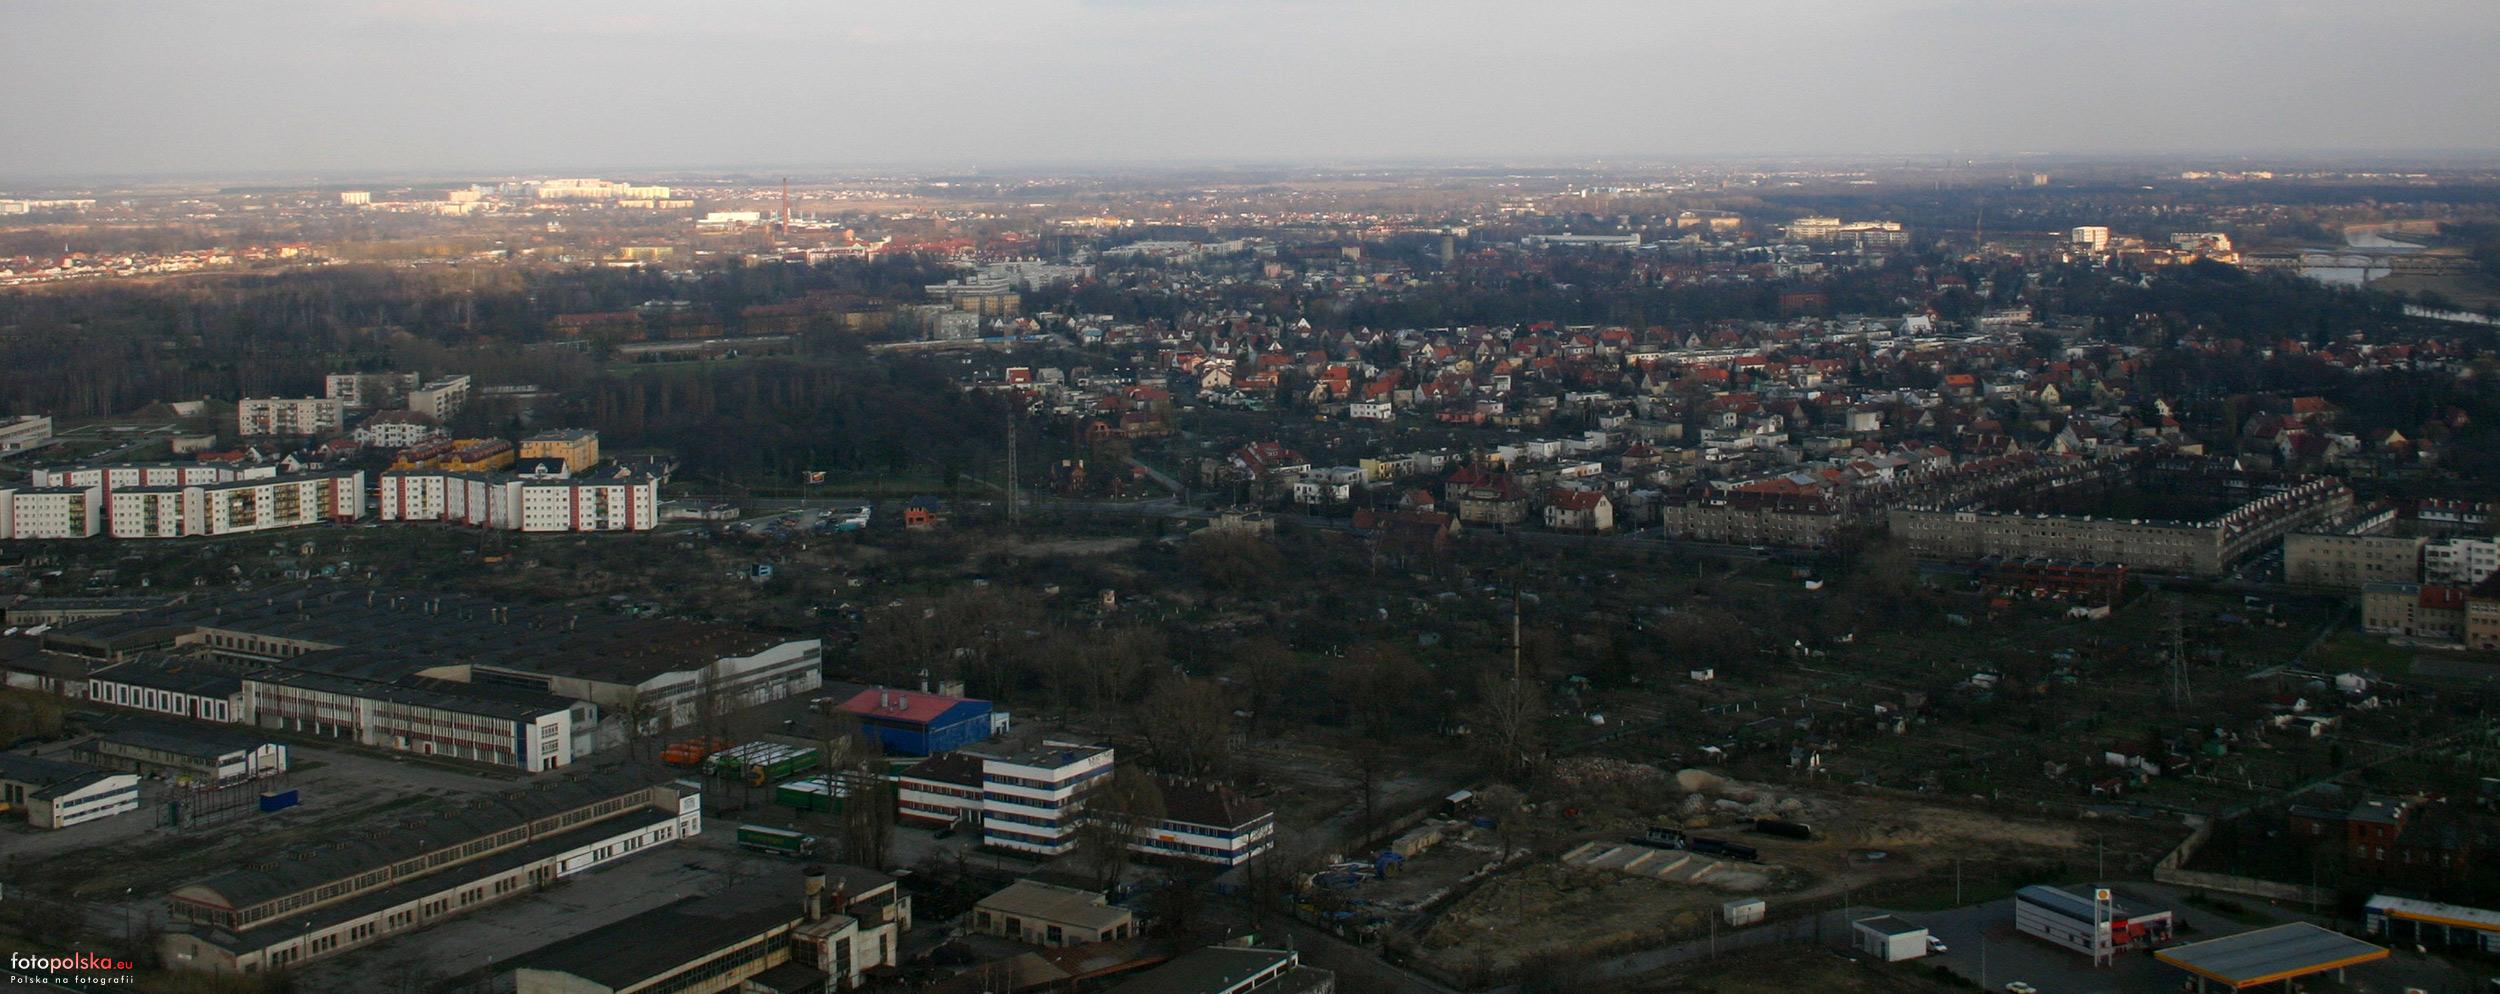 Zdjecia_lotnicze_-_Karlowice_381223_Fotopolska-Eu